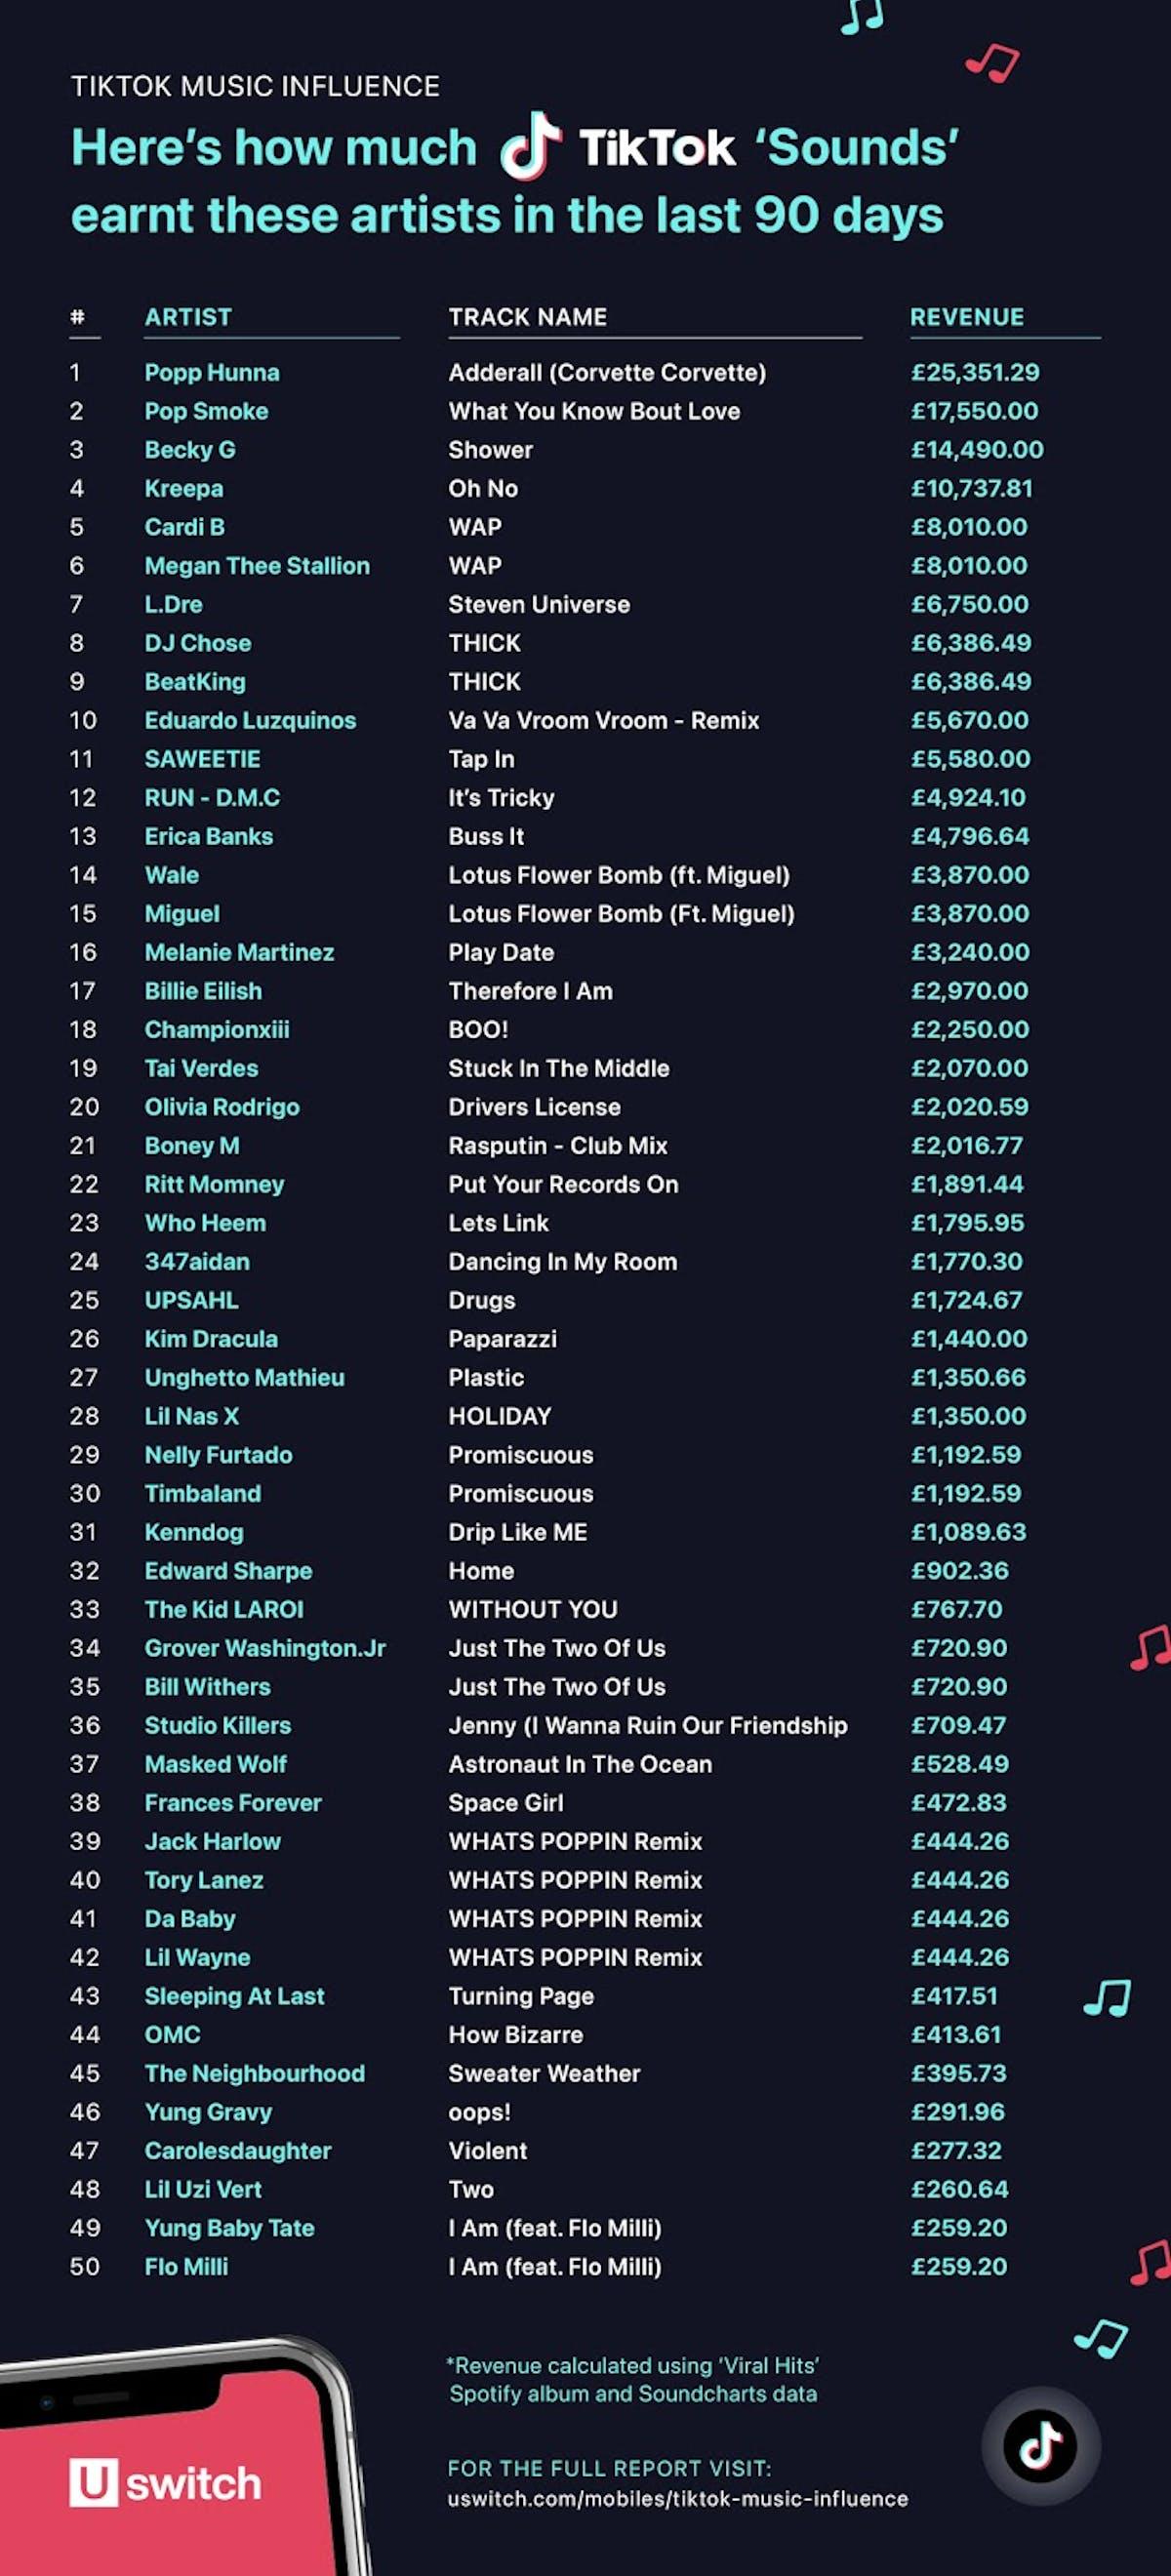 TikTok Music Influence Earnings Chart